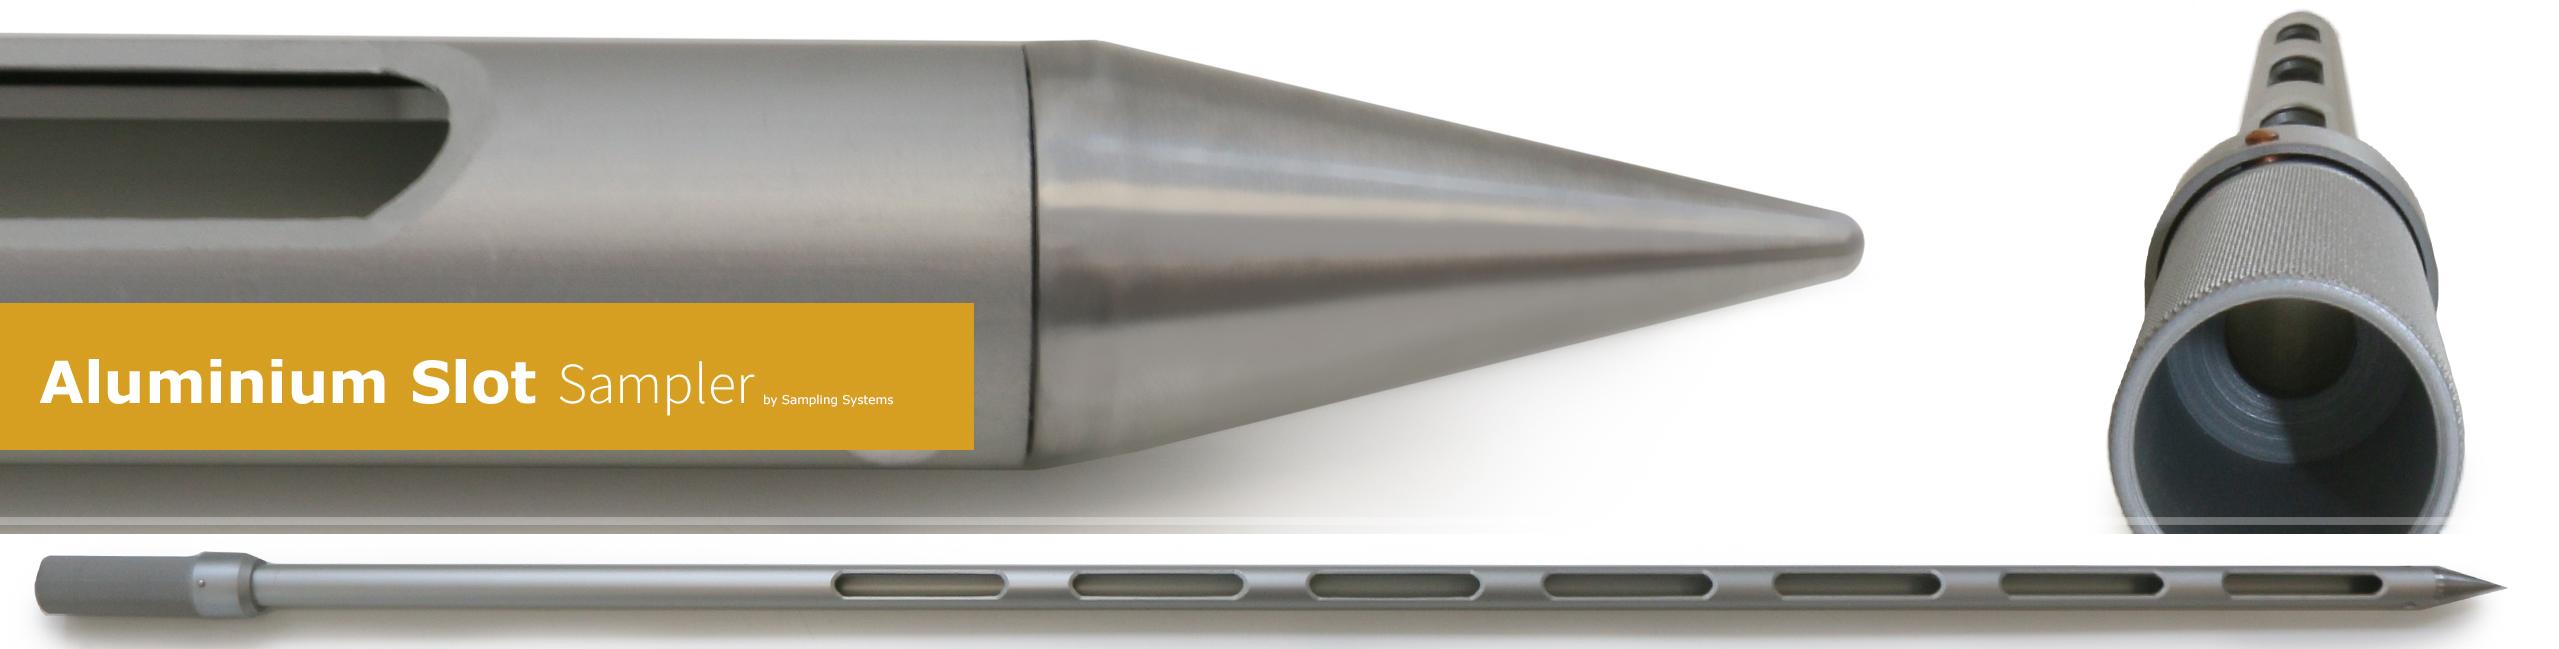 Aluminium Slot Sampler